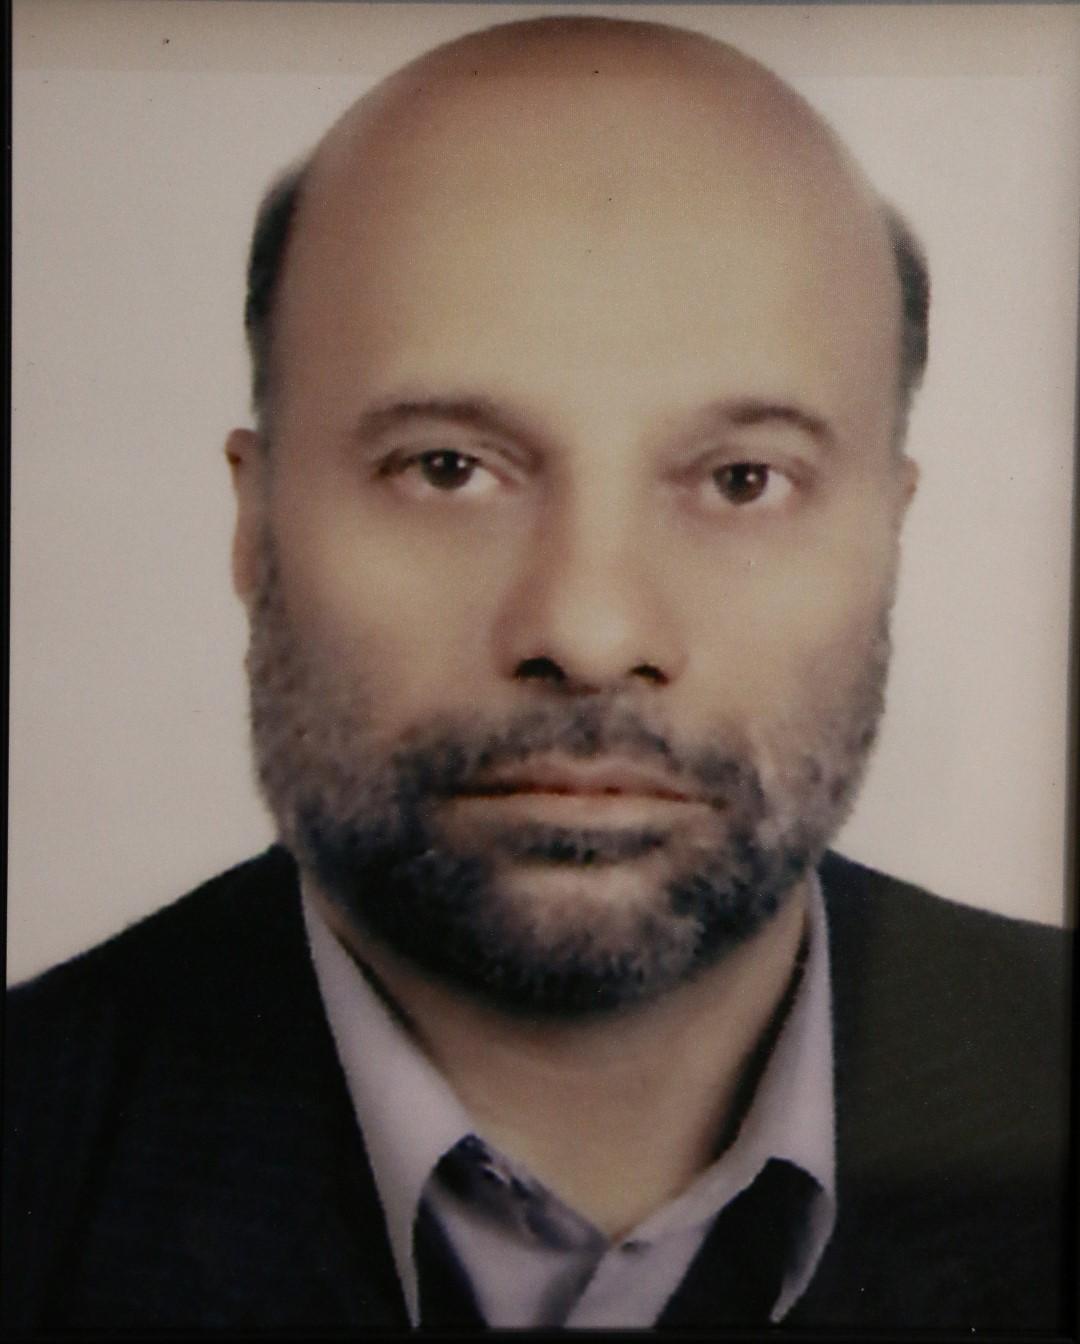 Abdorahim Asadi Lari